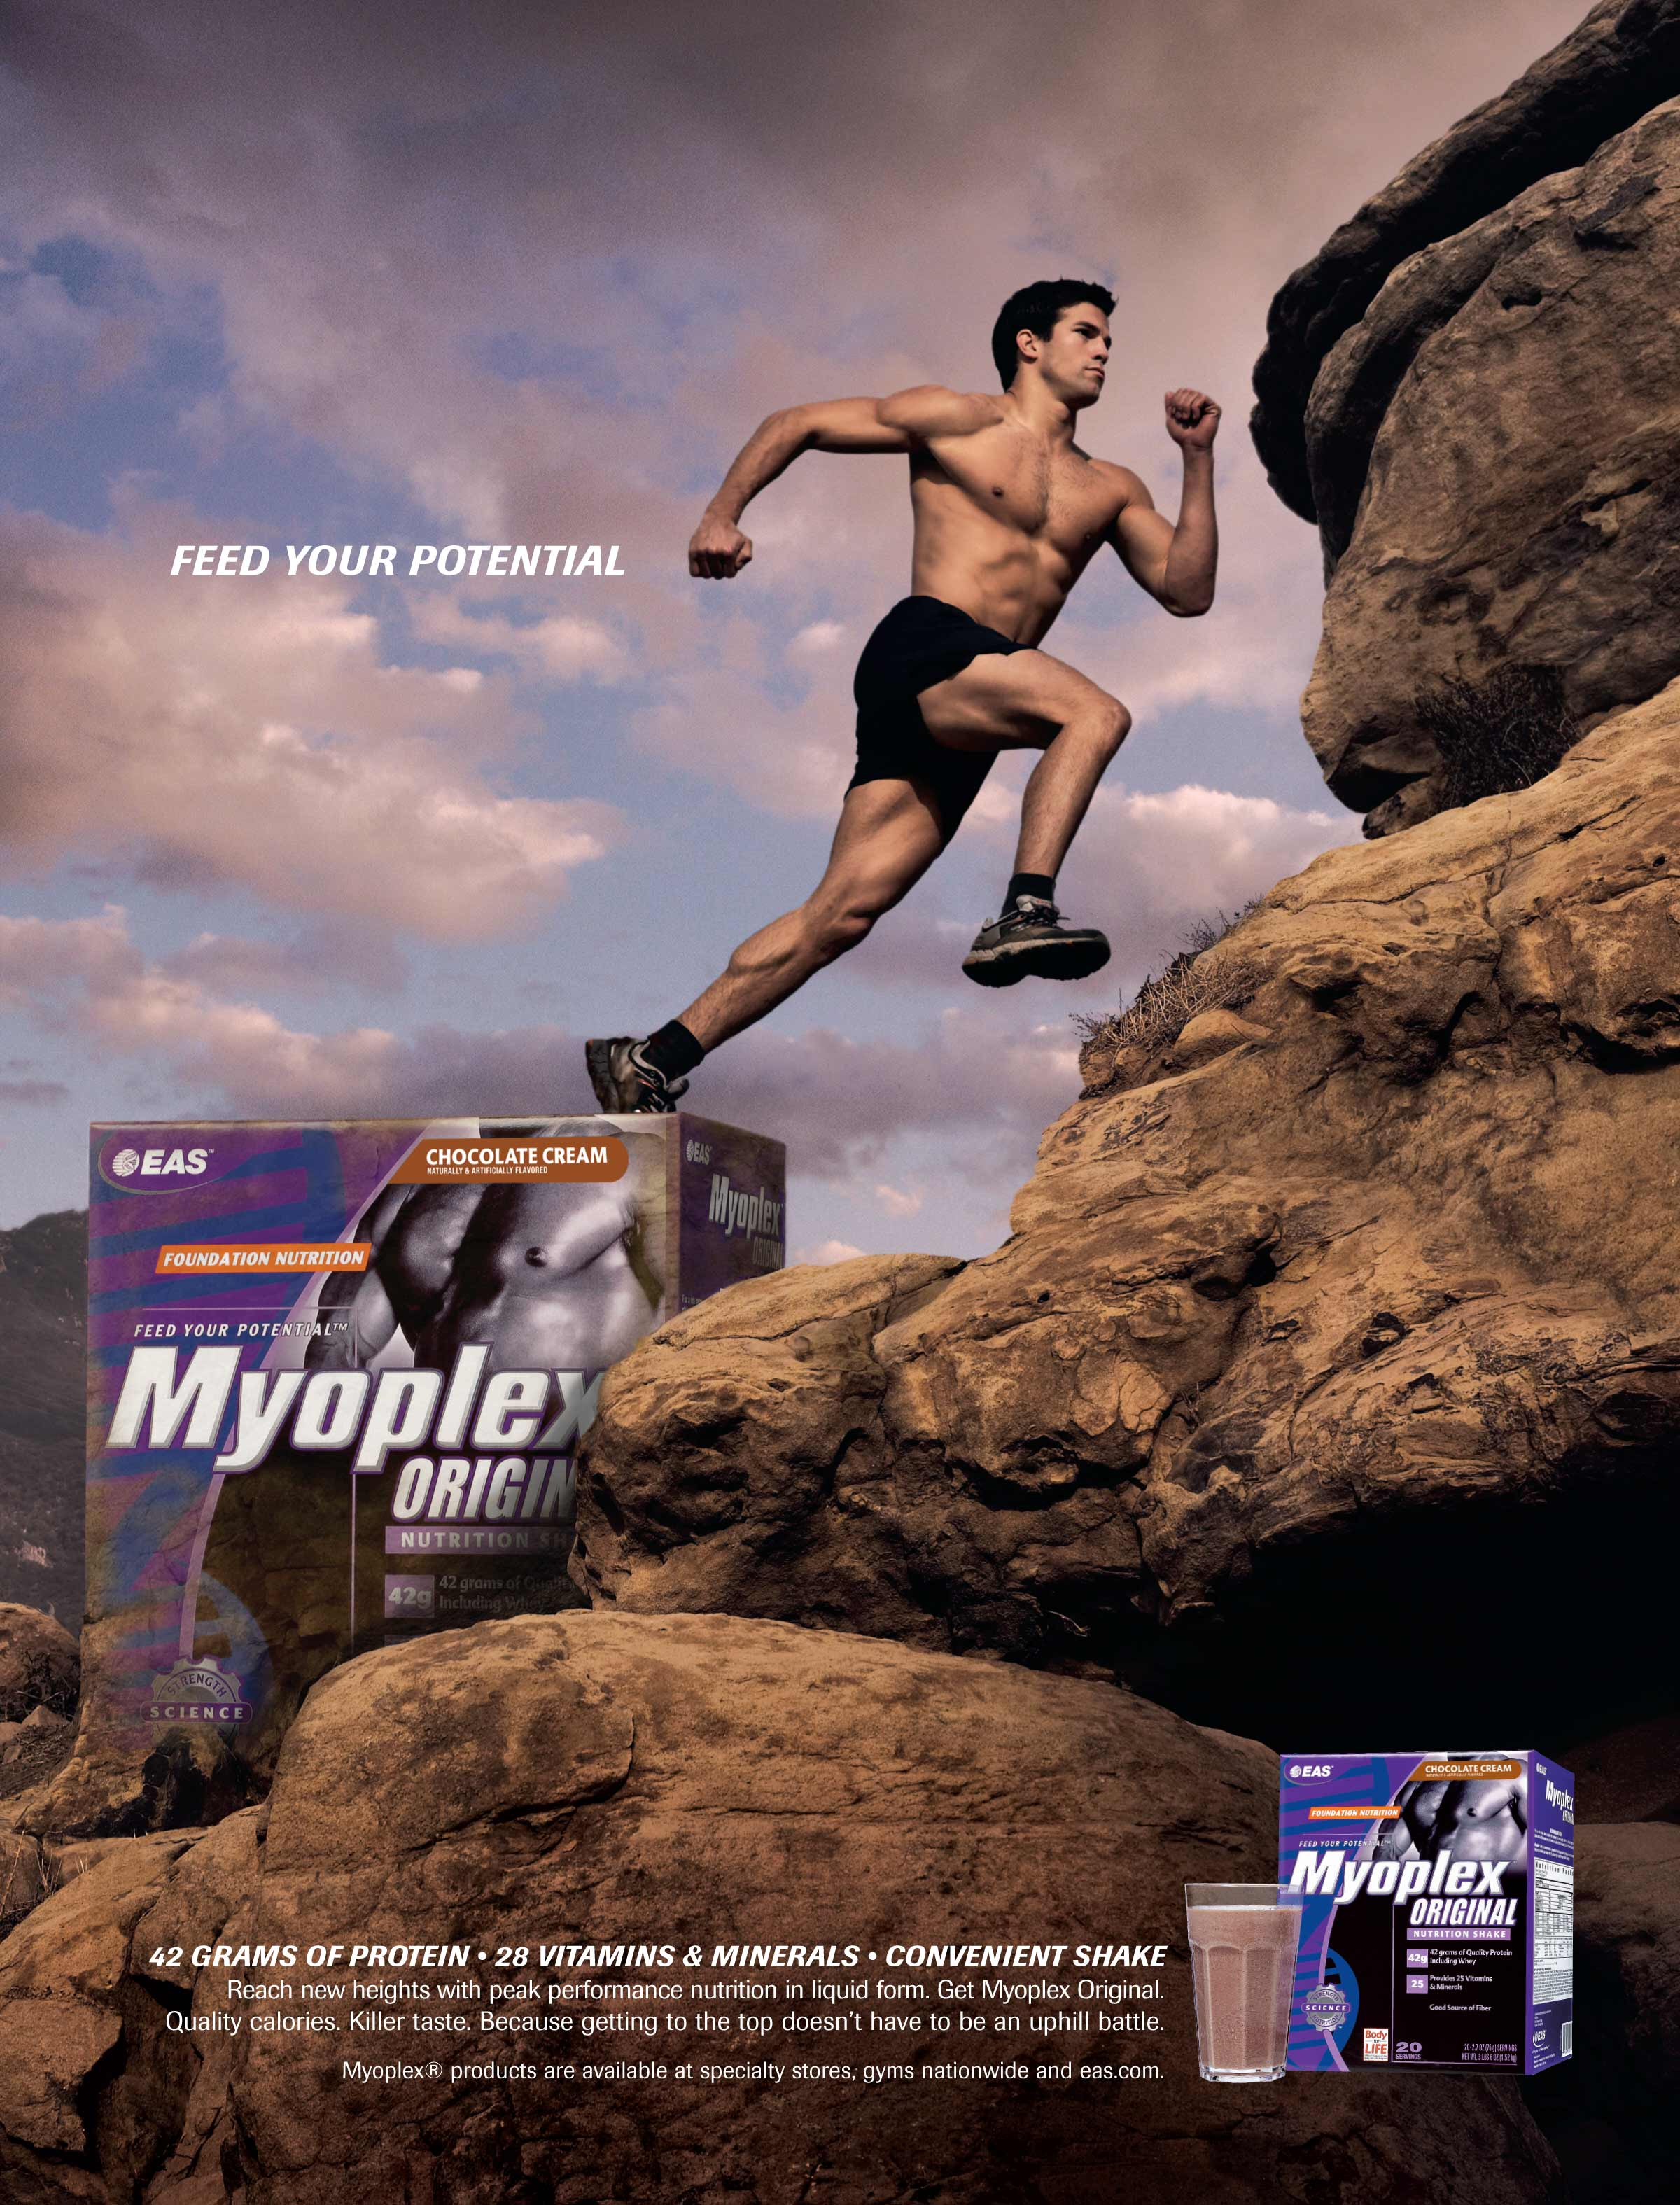 myoplex_ad_1.jpg